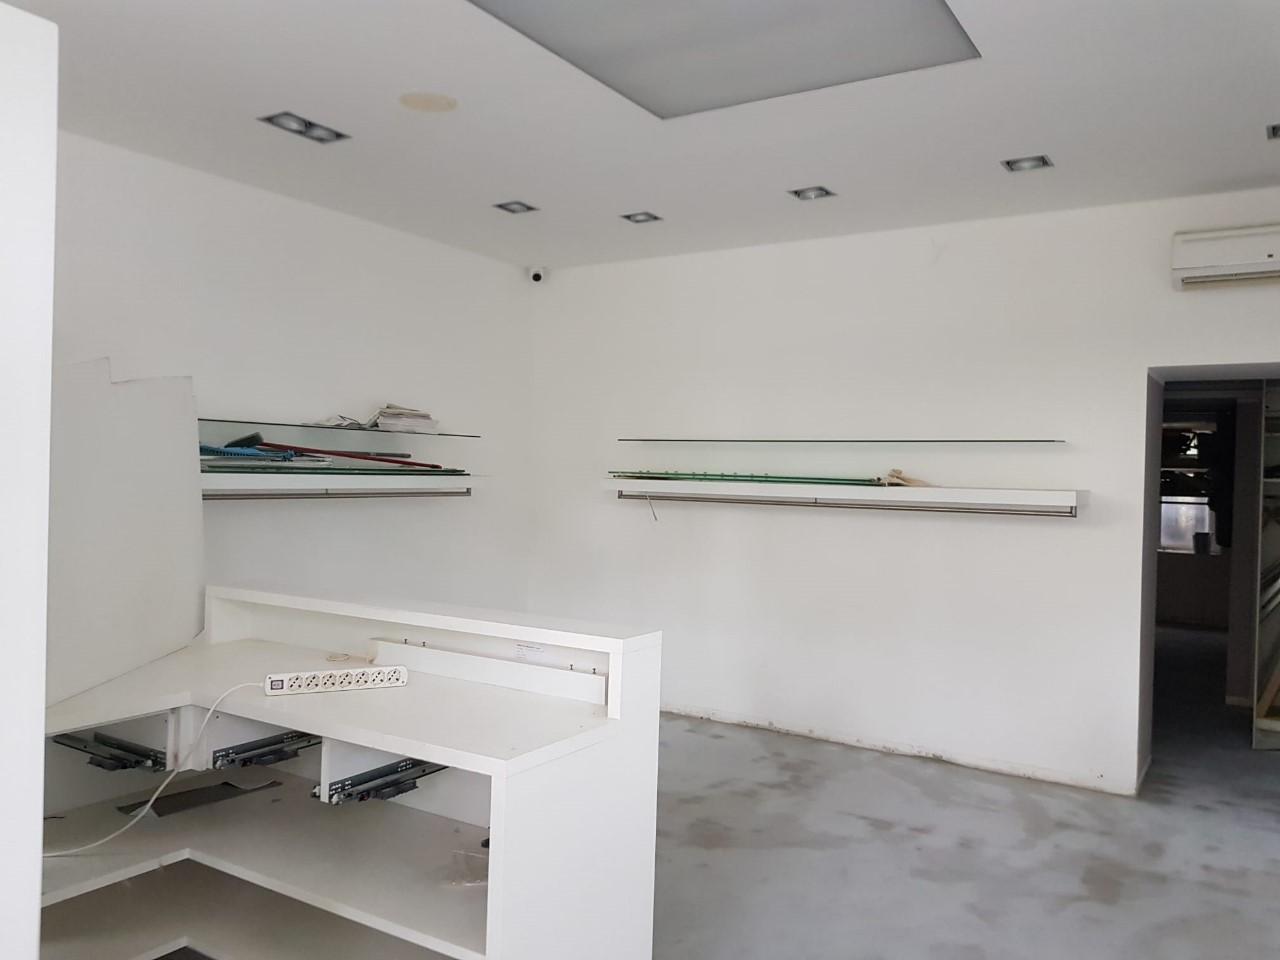 Negozio / Locale in vendita a Merano, 2 locali, prezzo € 250.000 | CambioCasa.it